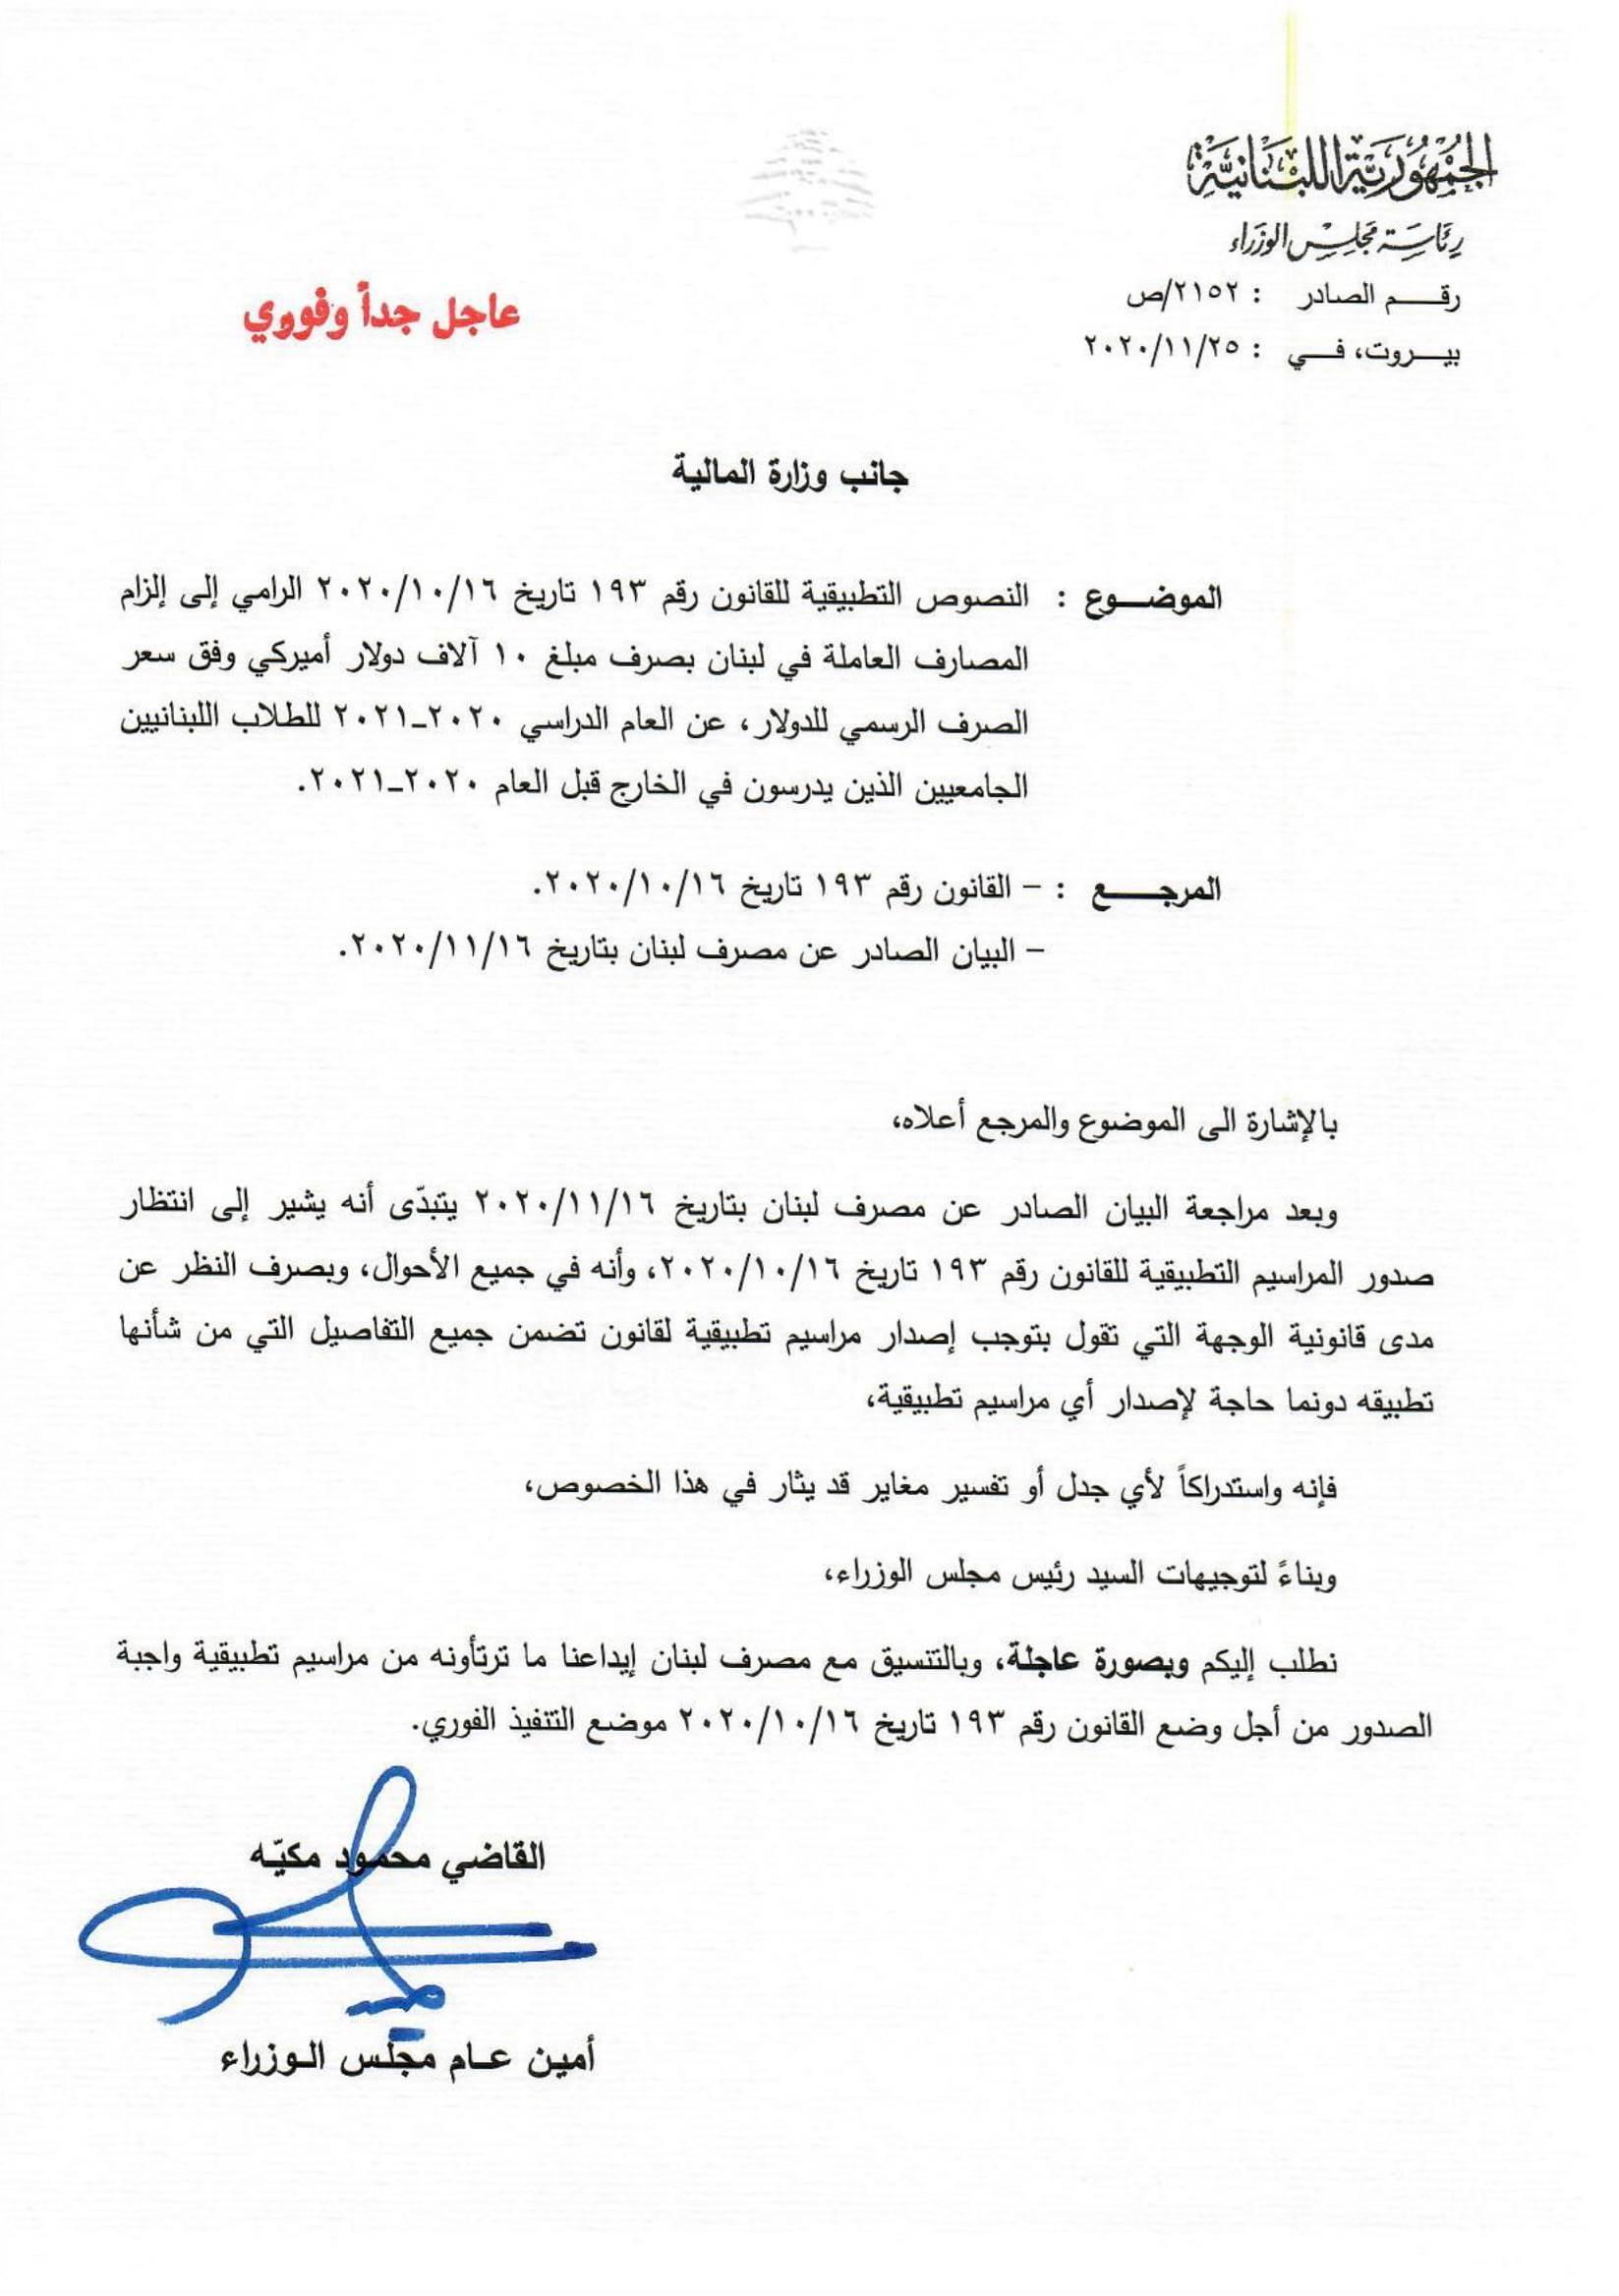 كتاب من رئاسة مجلس الوزراء إلى وزارة المال حول قانون